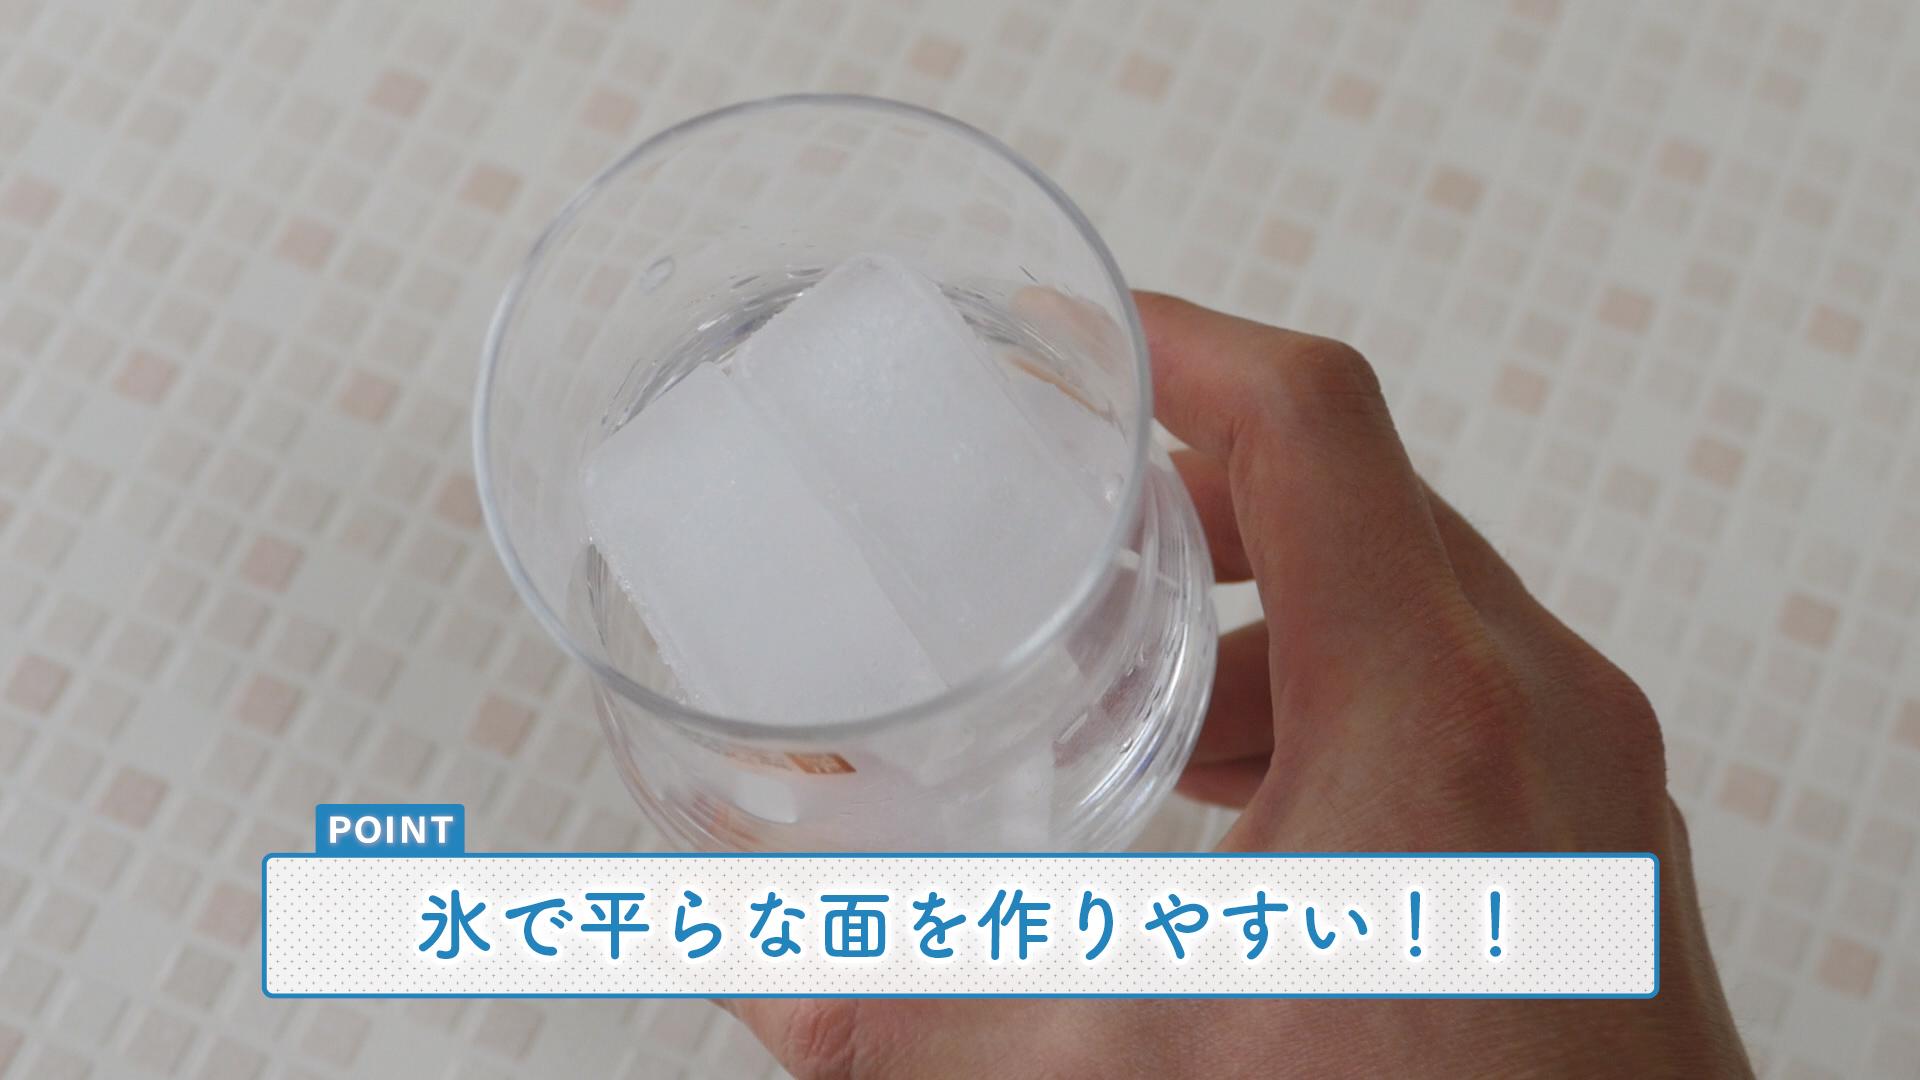 クリームソーダ等のフロート系のアイスを安定して浮かせるための氷としても使えるという説明